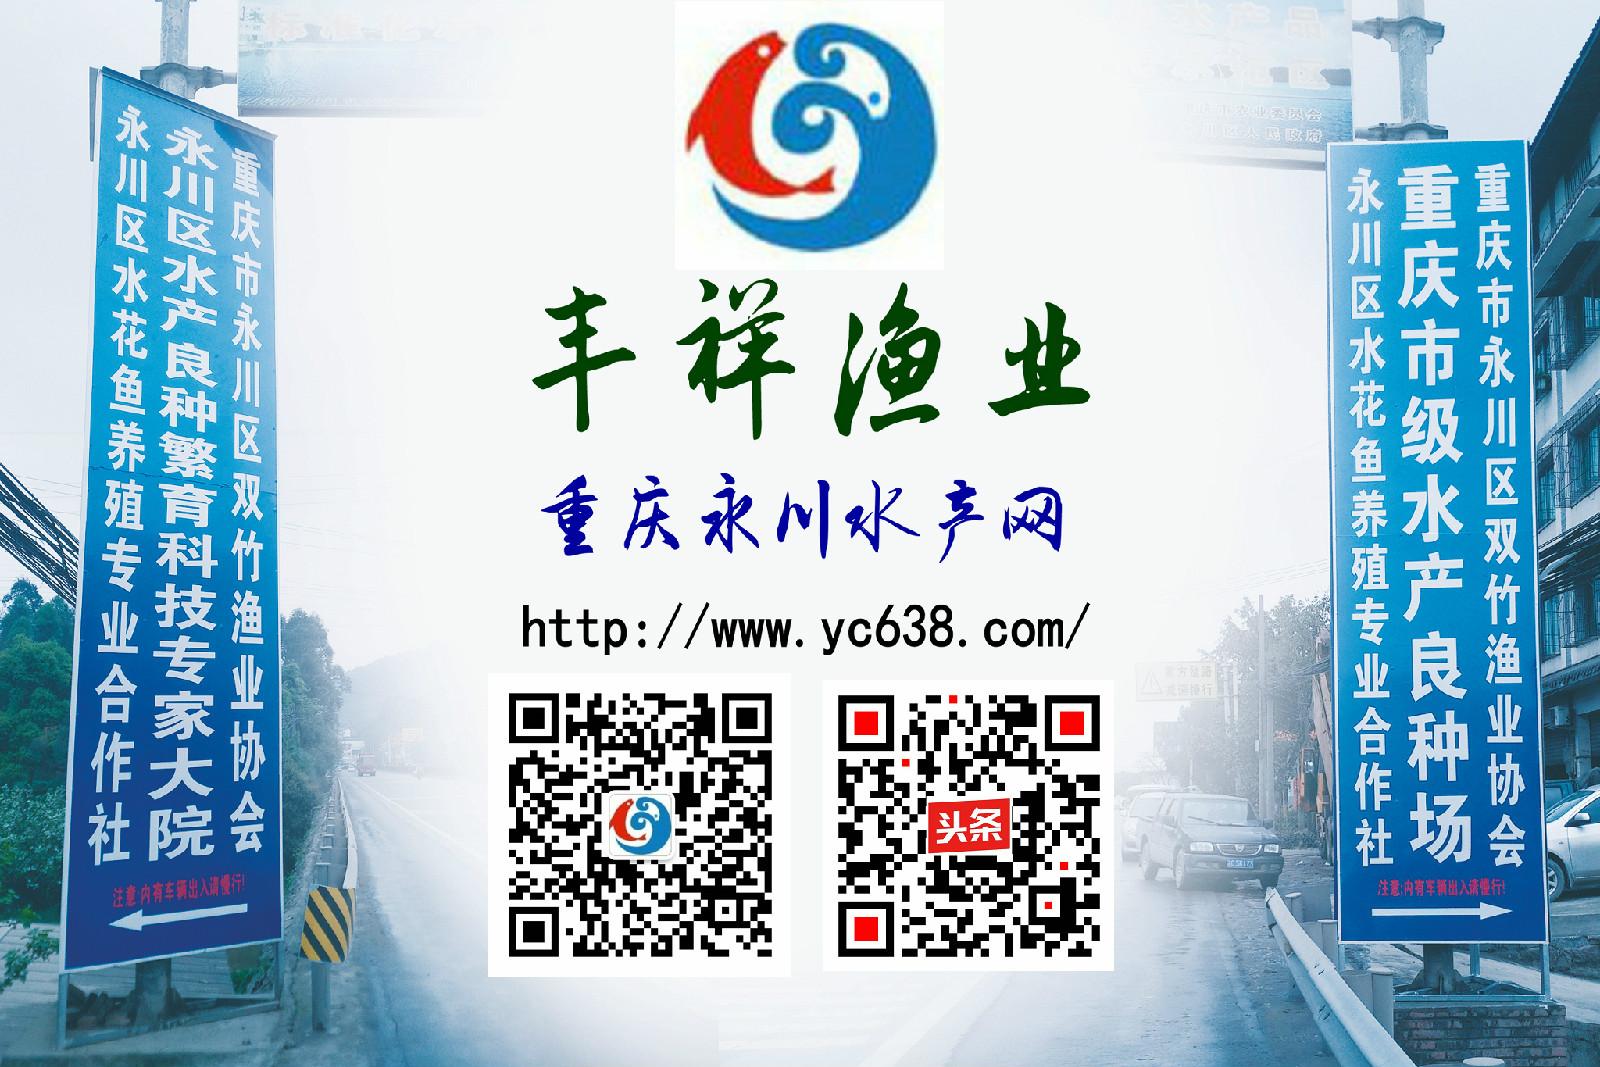 重庆永川水产网 重庆市永川区丰祥渔业有限公司欢迎光临!